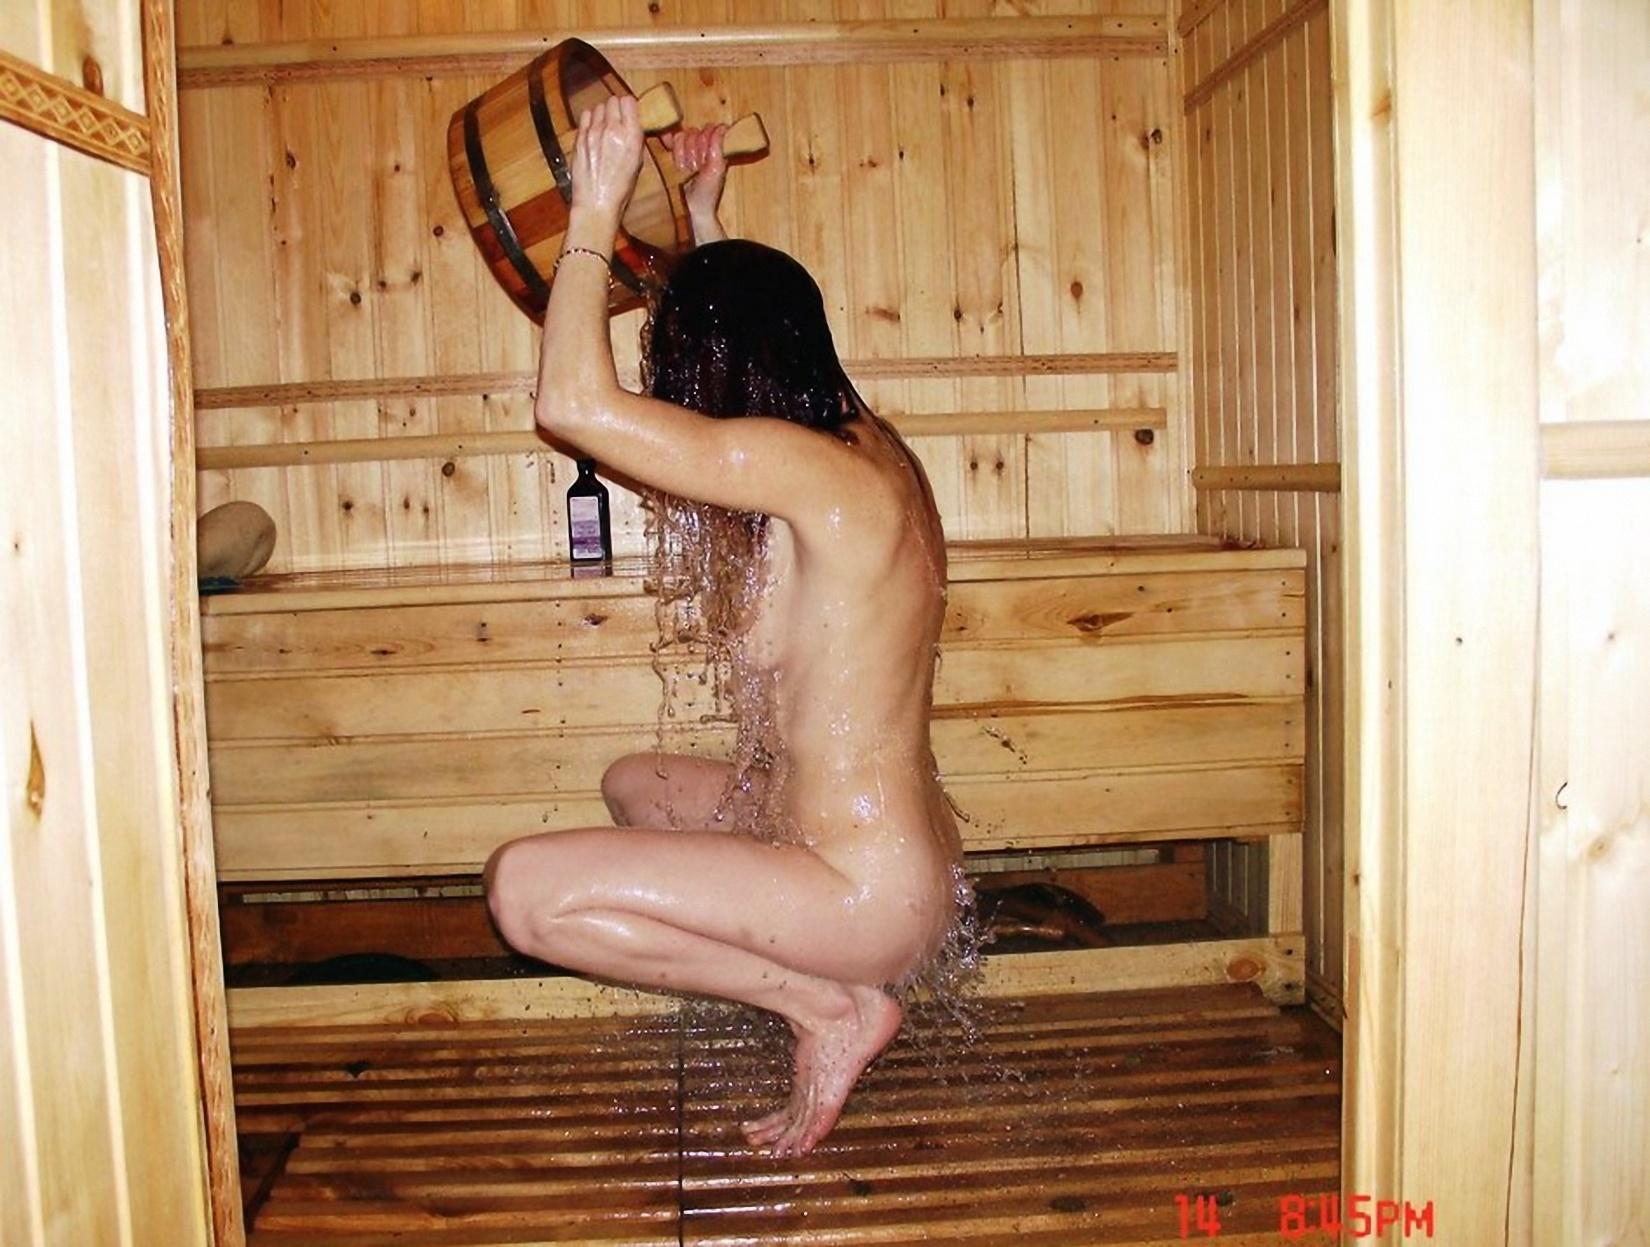 Русская девушка в бане 13 фотография